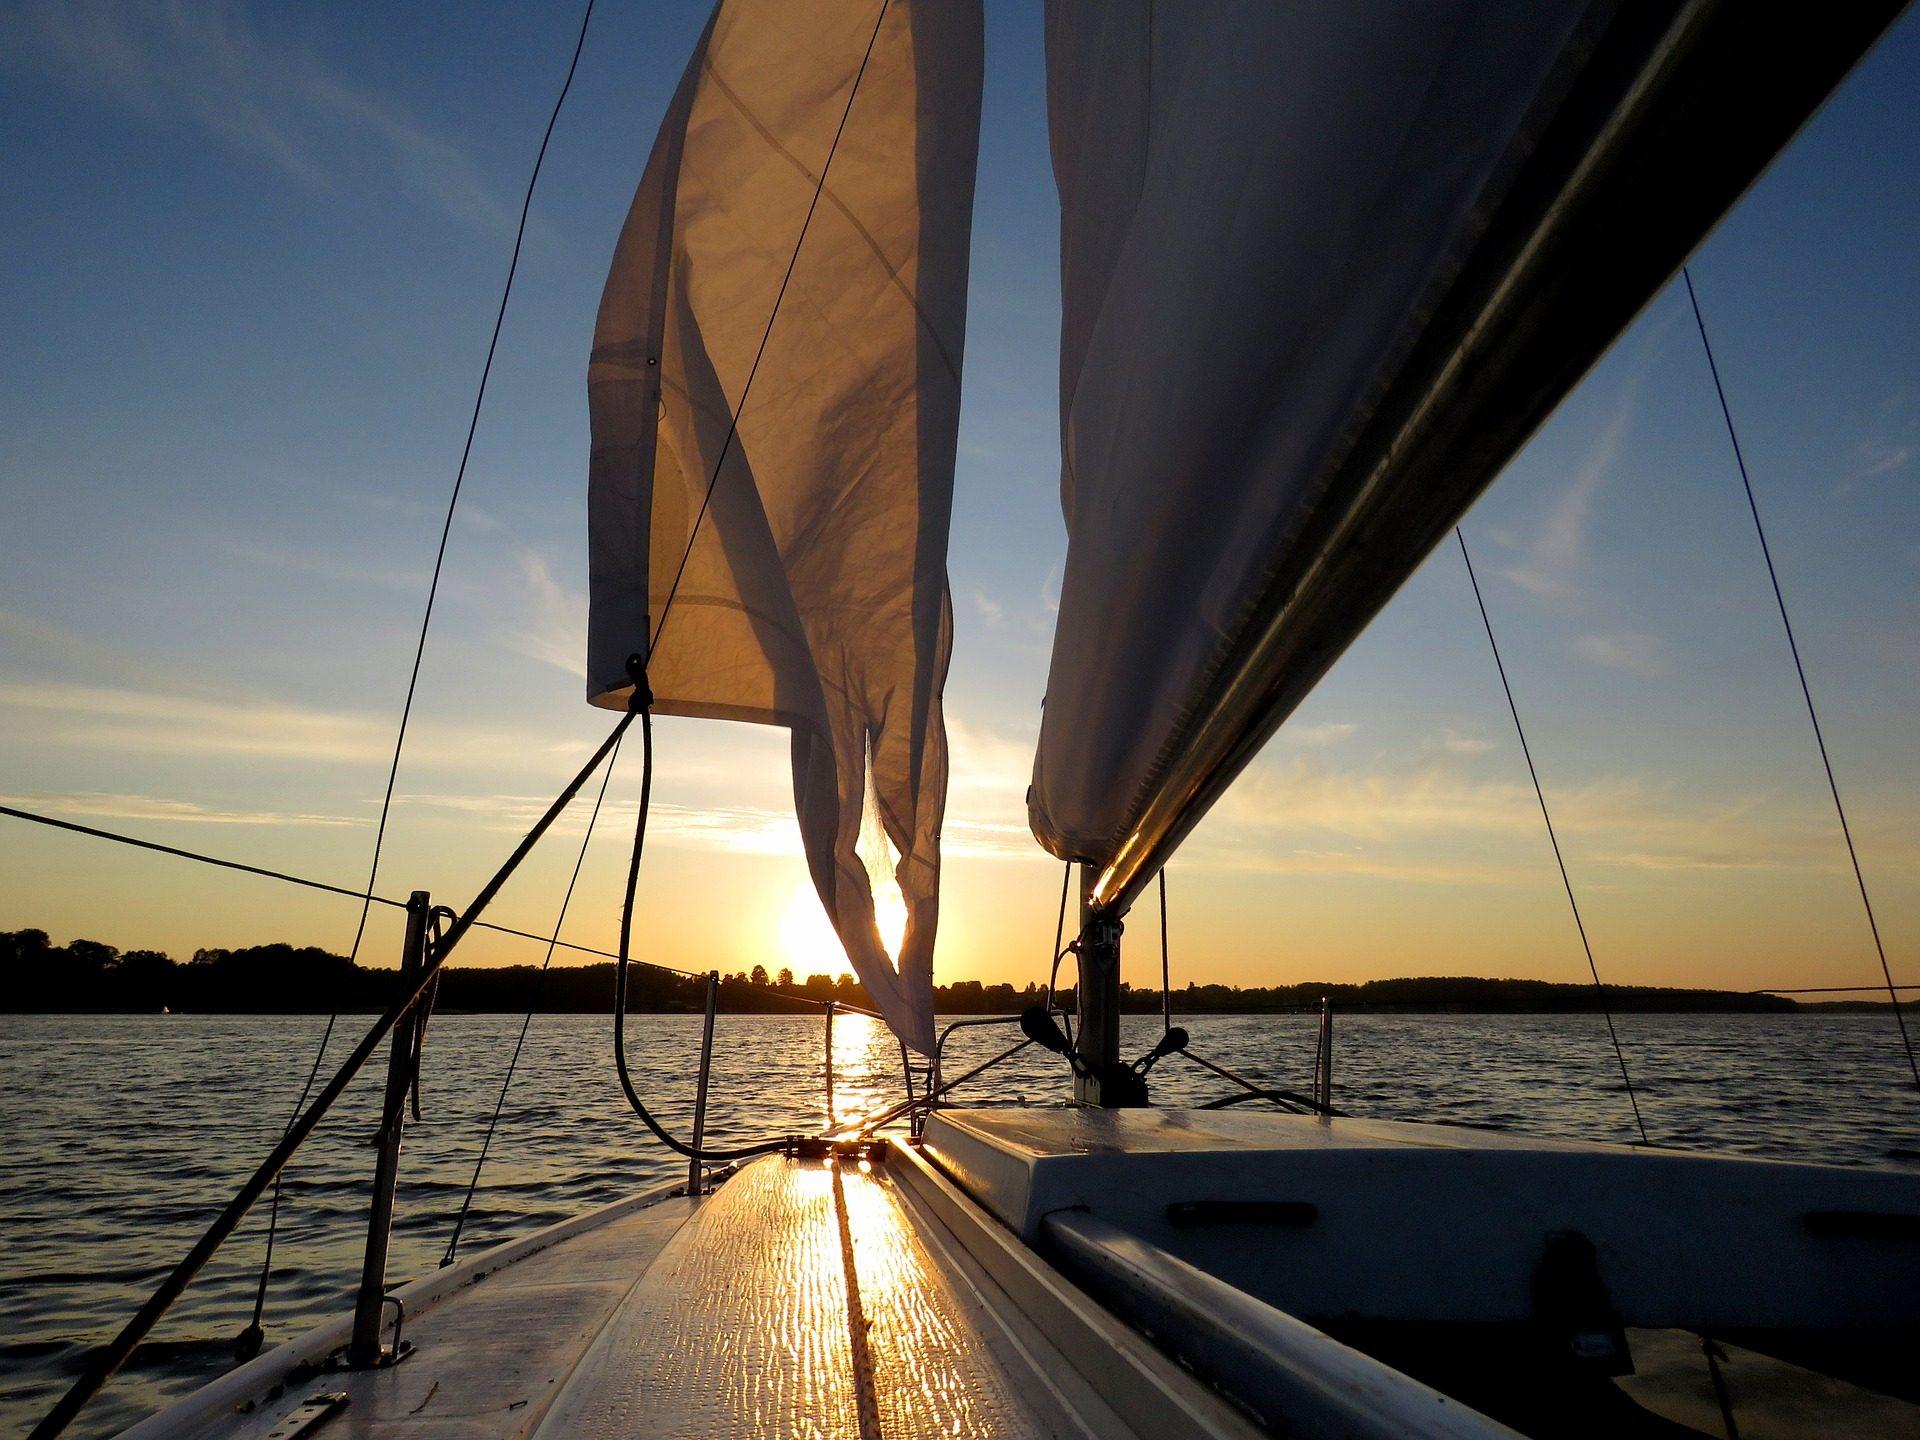 barca, candele, Sfoglia, Mare, Ocean, Sole, orizzonte - Sfondi HD - Professor-falken.com